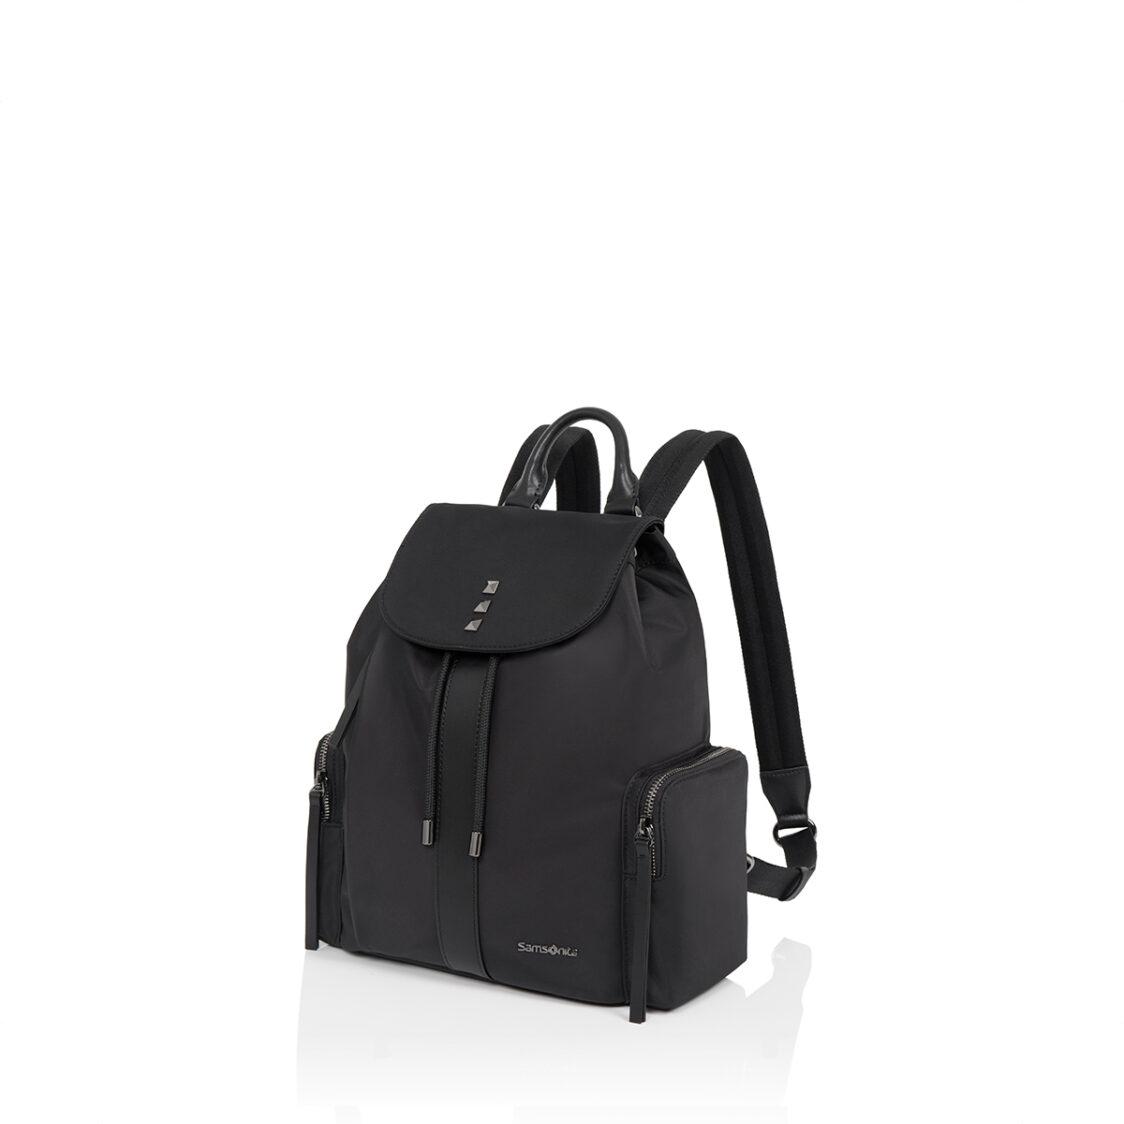 Samsonite Leah Backpack  HB809003